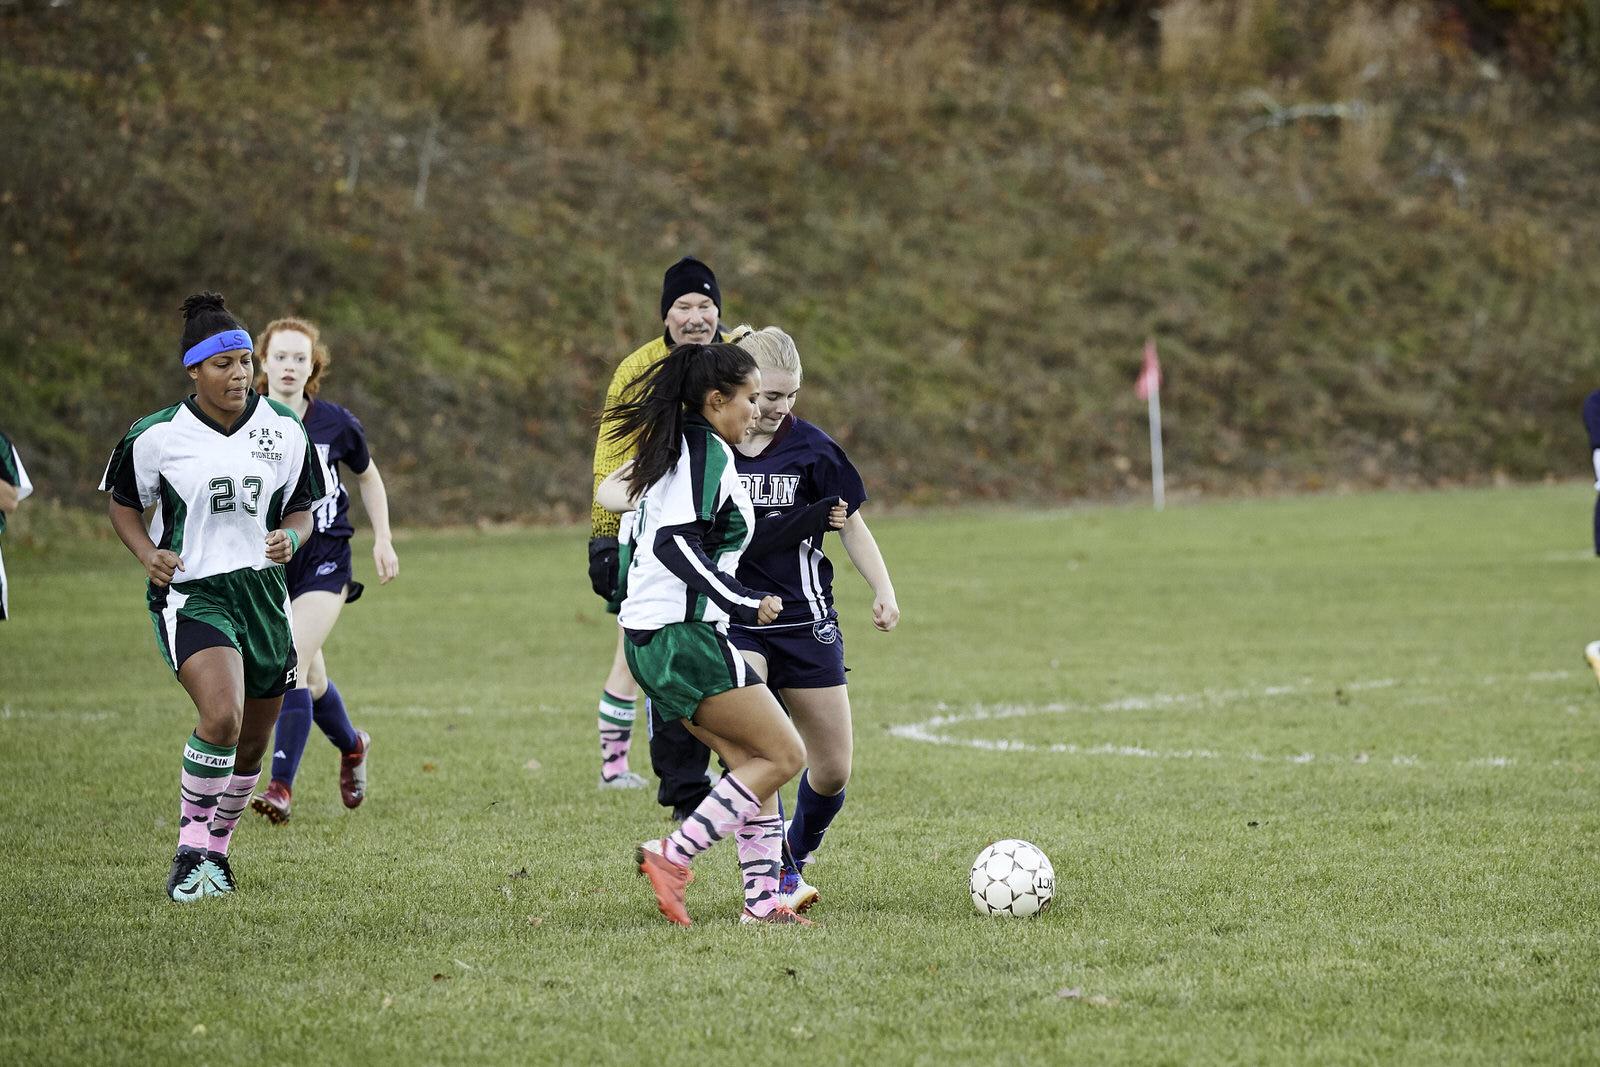 Girls Varsity Soccer vs. Eagle Hill School - October 30, 2018 139301.jpg